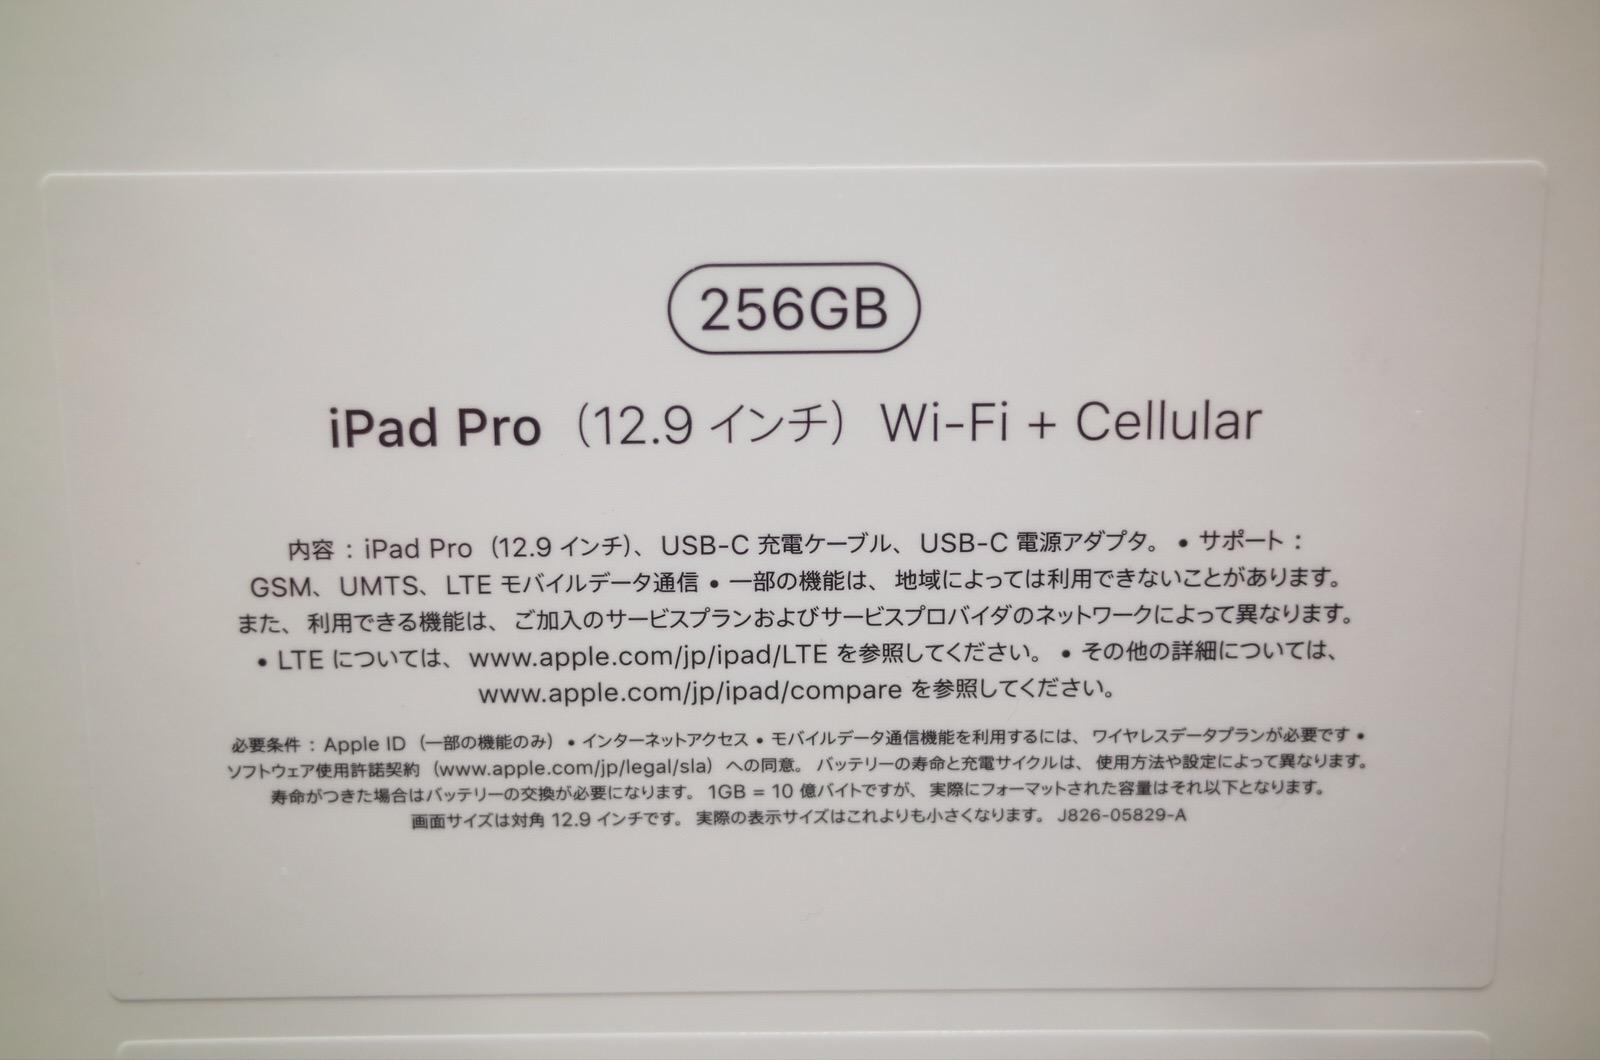 新型 iPad Pro 12.9インチ スペースグレイ 256GB セルラー版-2